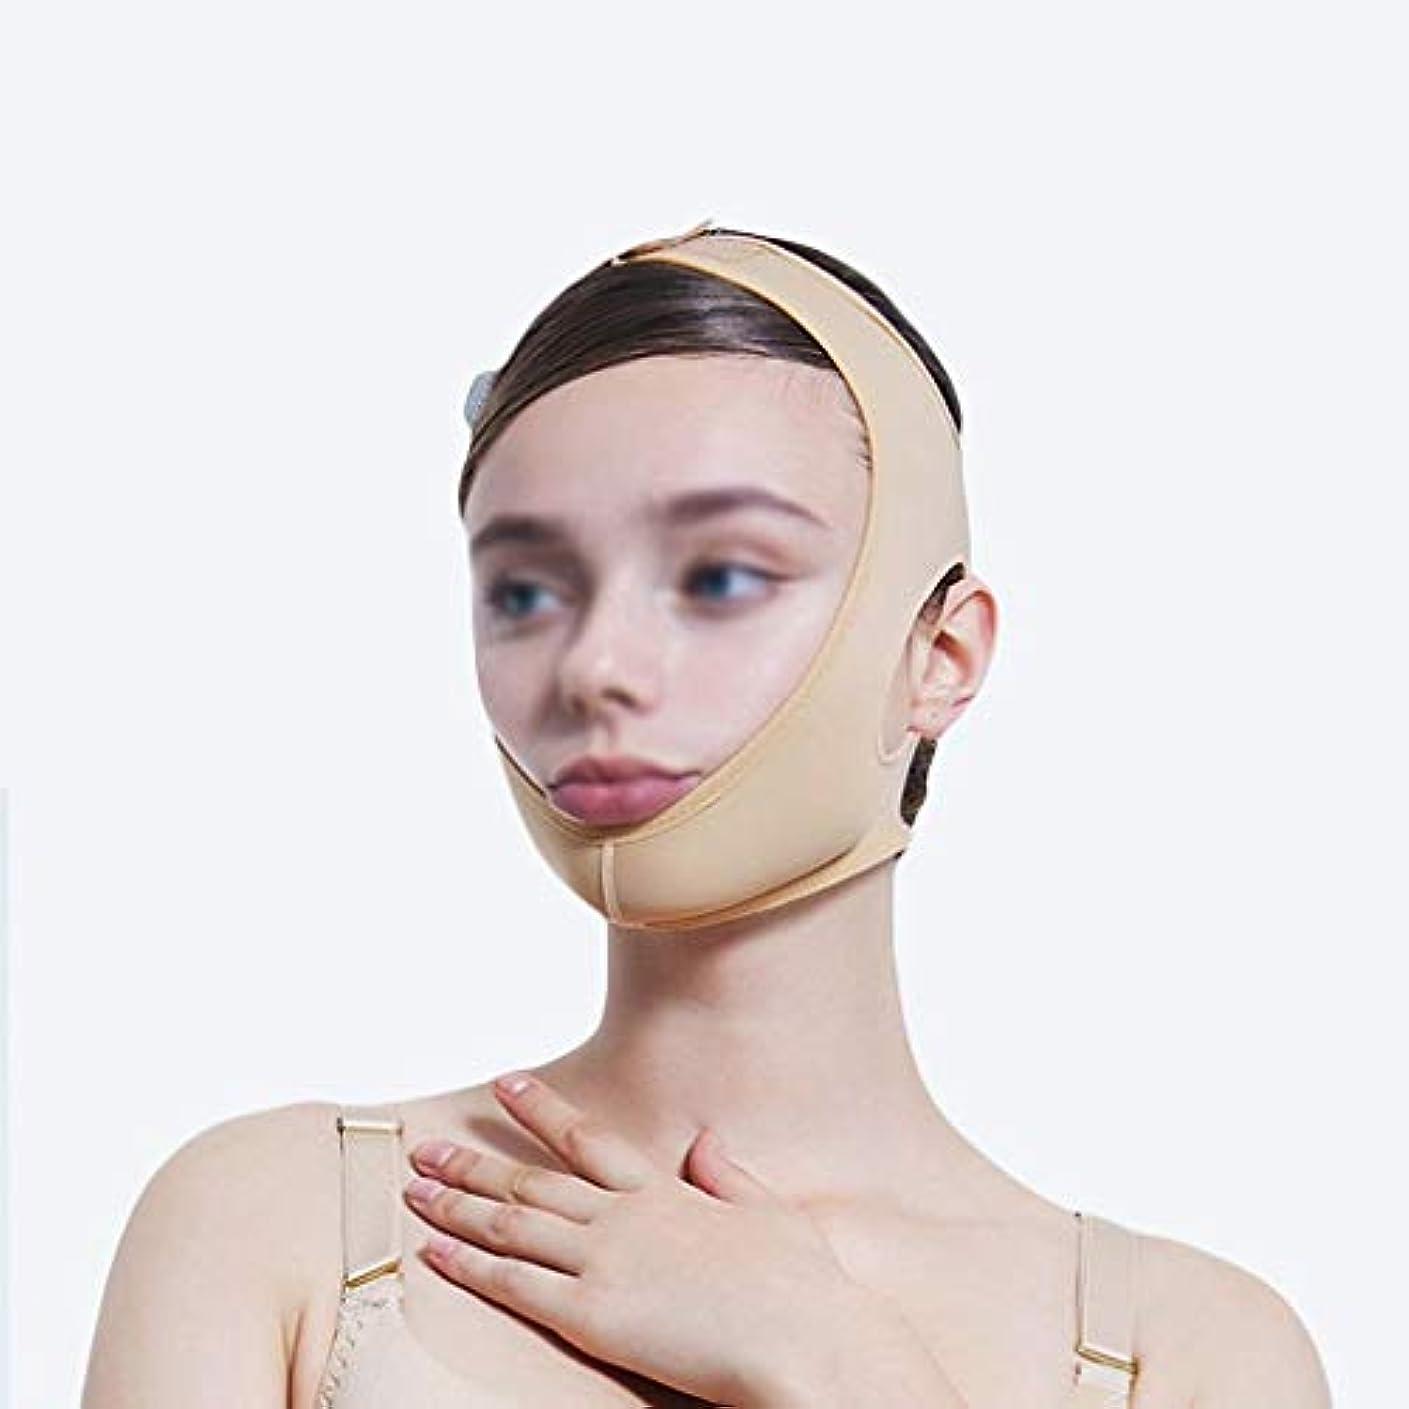 不器用省操作可能フェイシャルライン、頬、しわ防止フェイシャル減量、フェイスバンド、フェイスマスク、フェイスリフティング、通気性、ダブルチンストラップ(サイズ:XXL),XXL